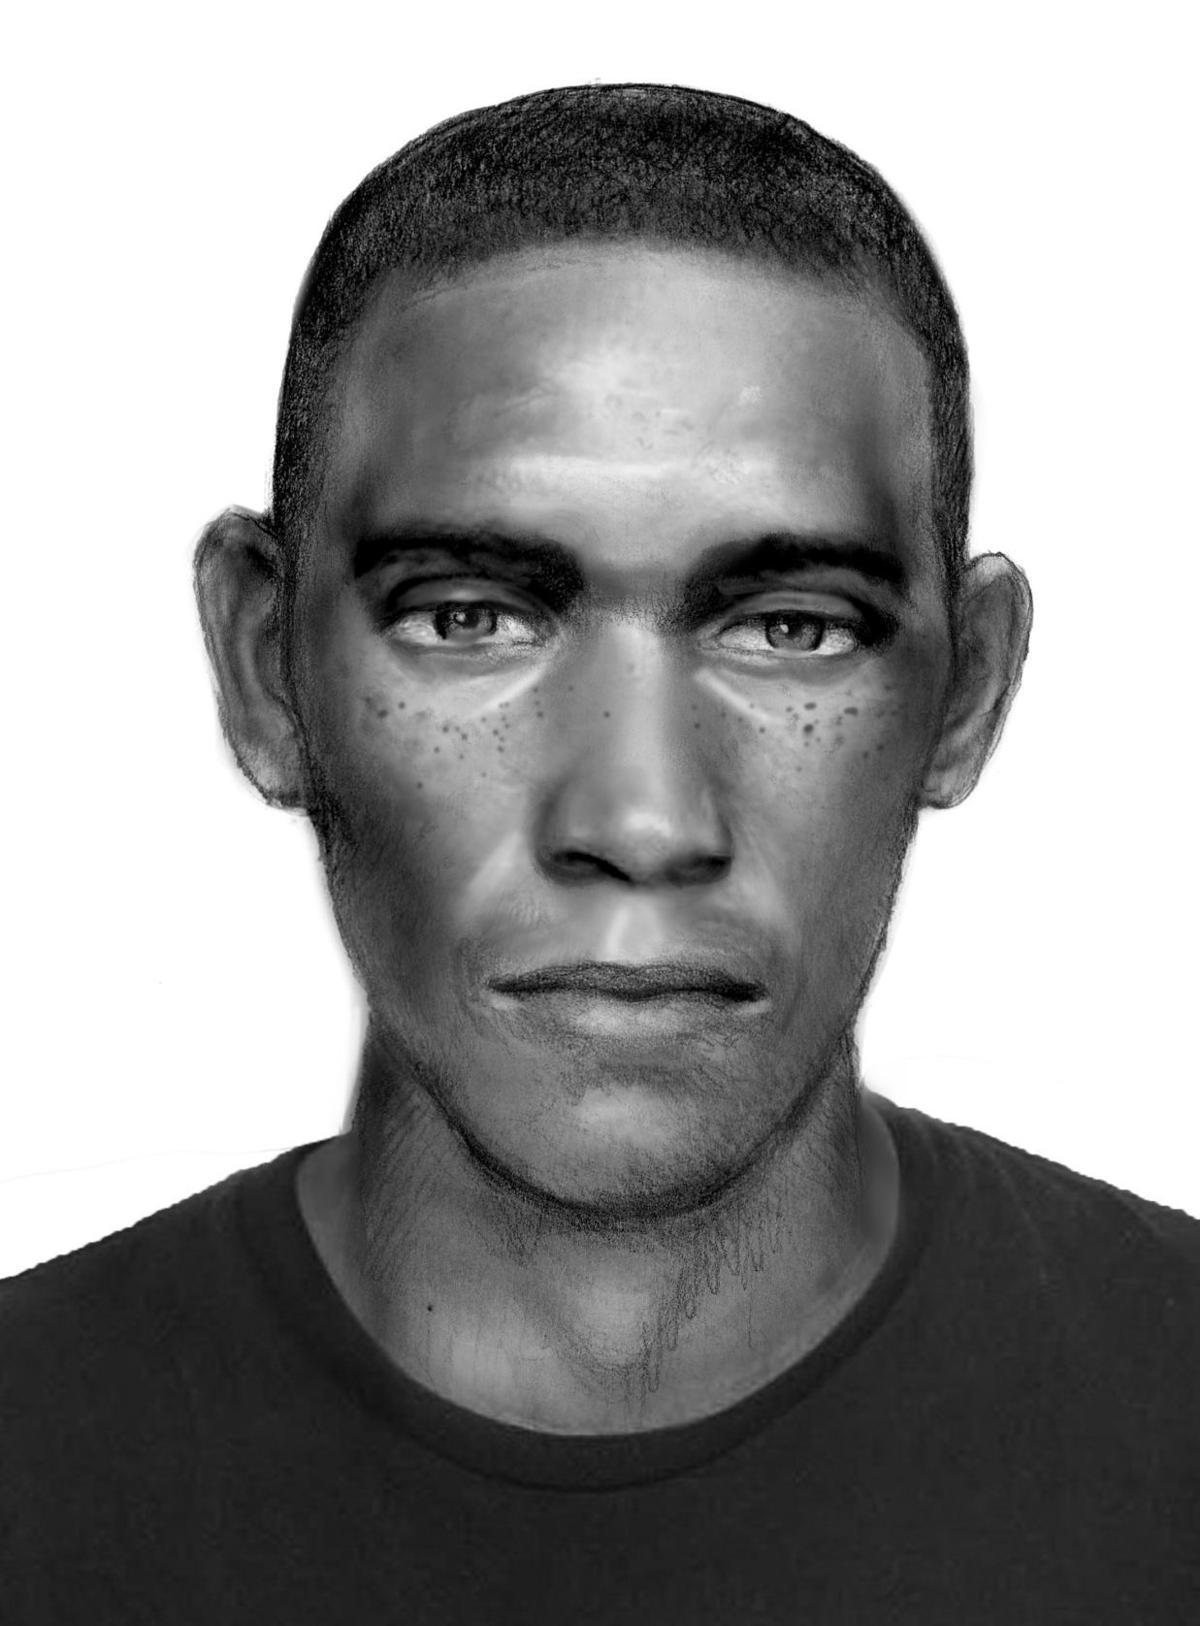 Denton police suspect sketch